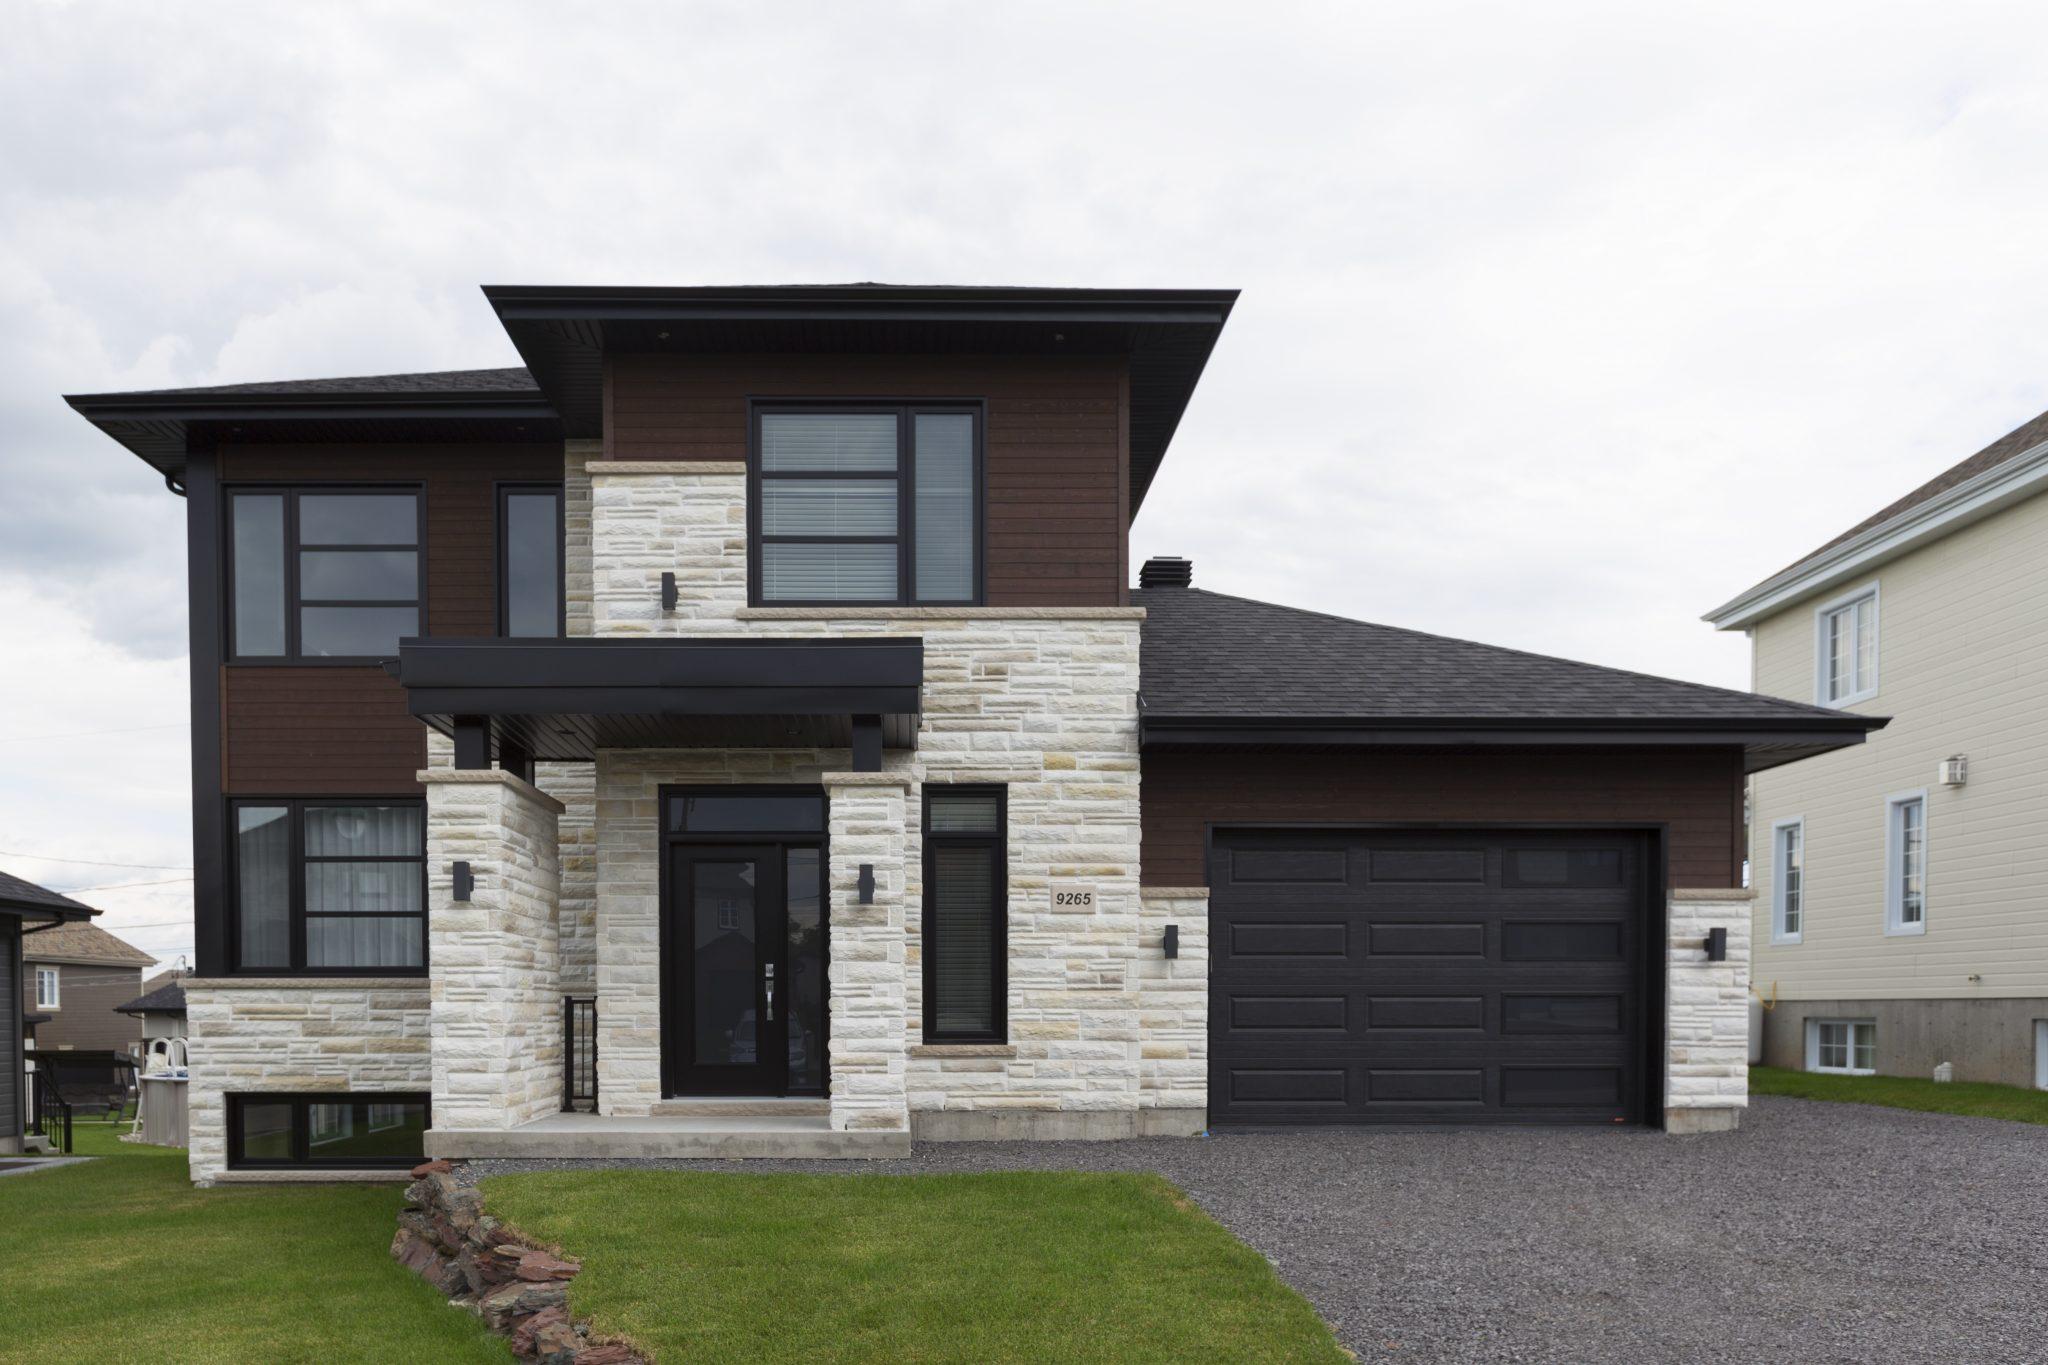 Maison Modèle Sp Giguère Portes Et Fenêtres